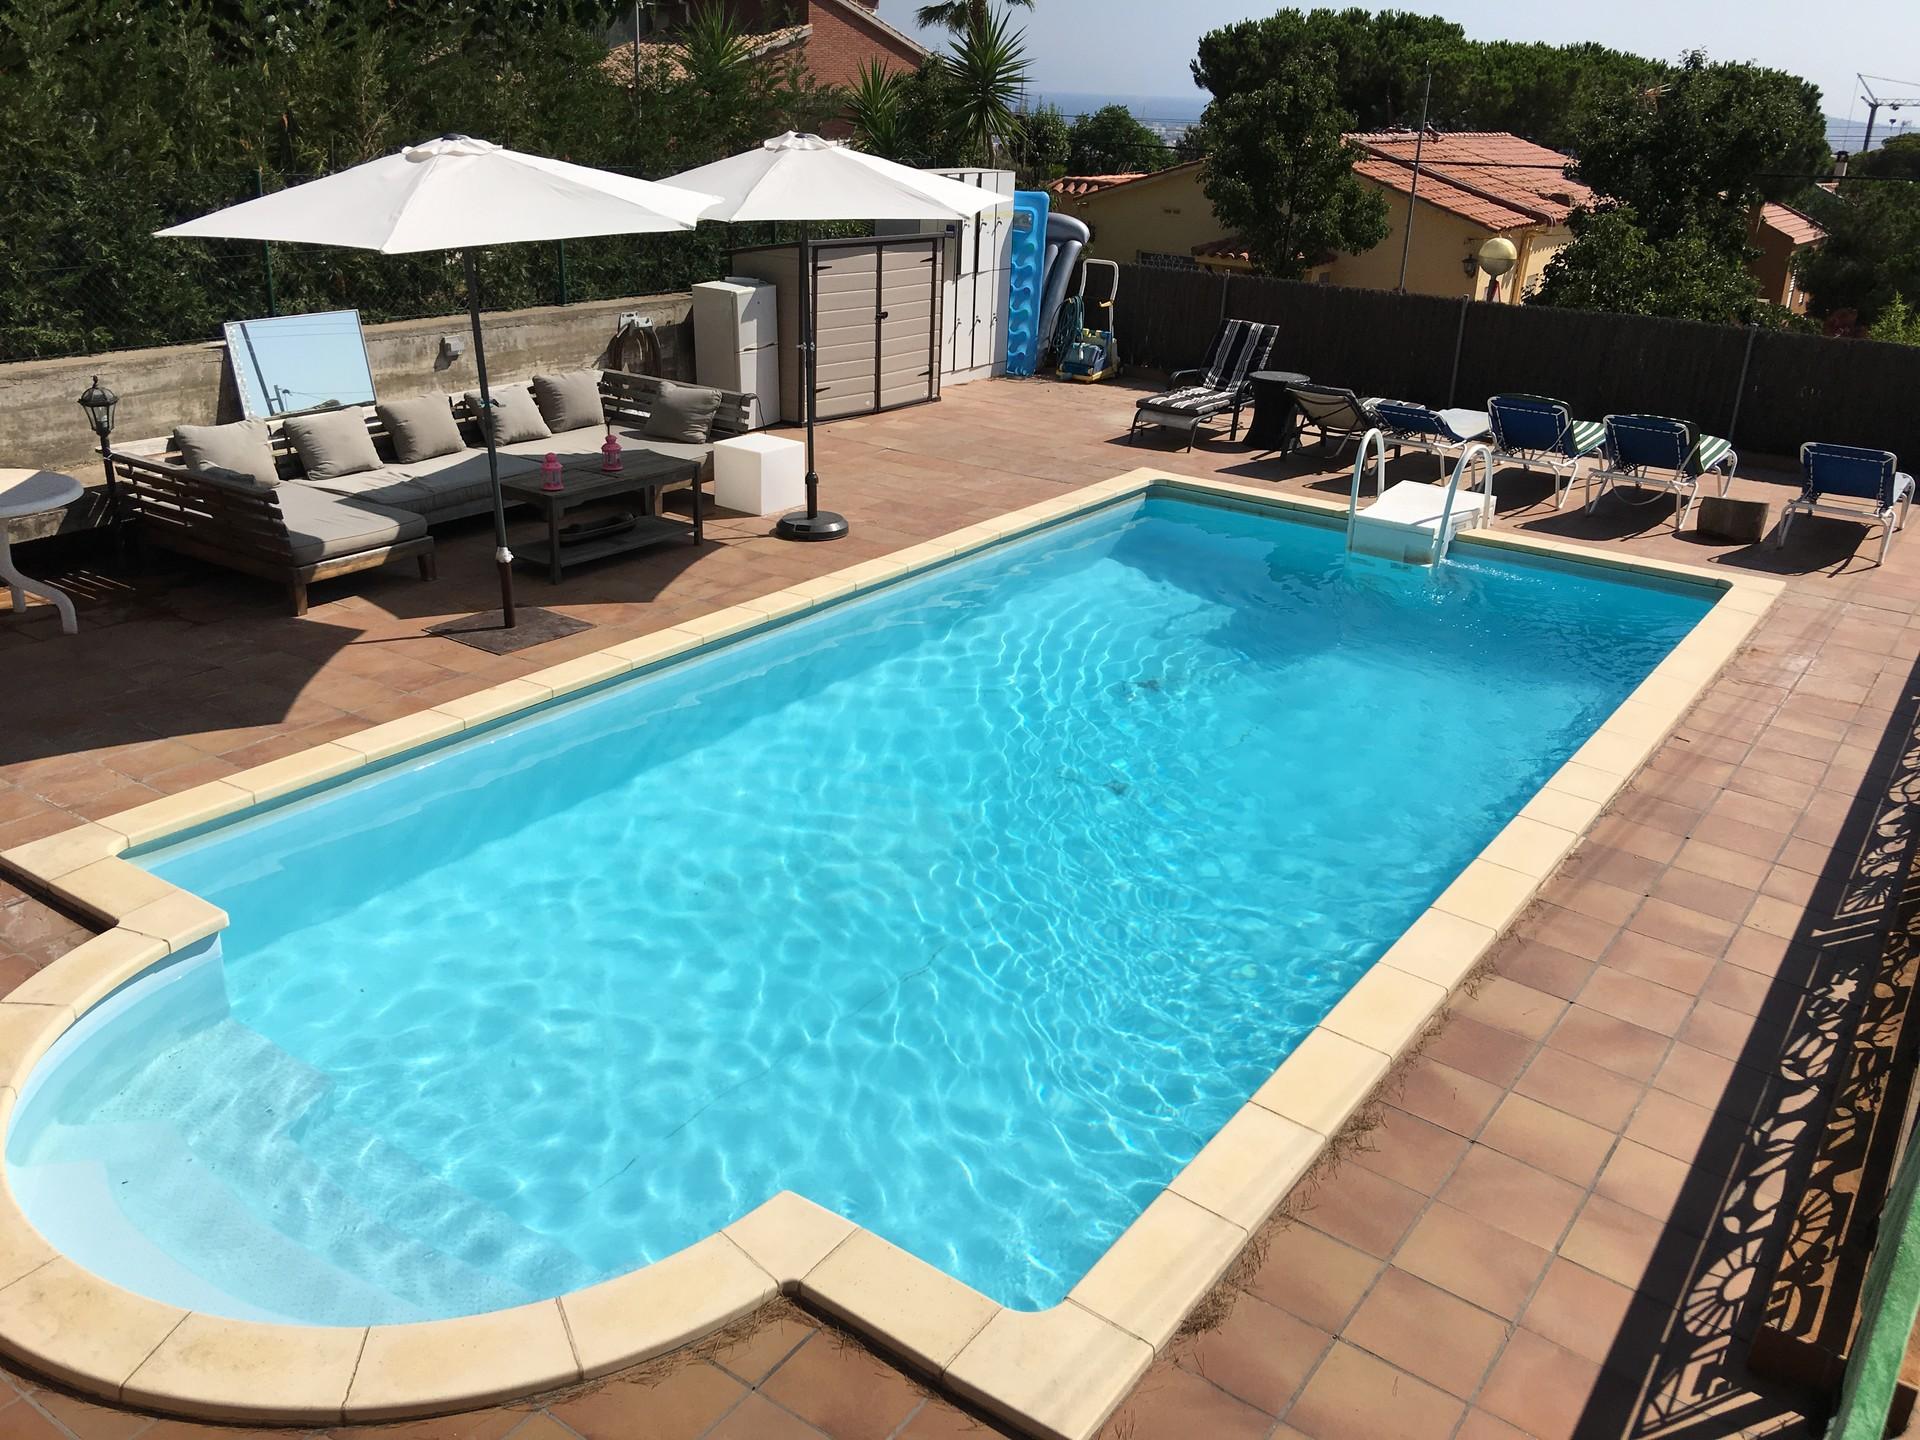 piscina ja soleada habitacin en casa bien equipada increbles vistas